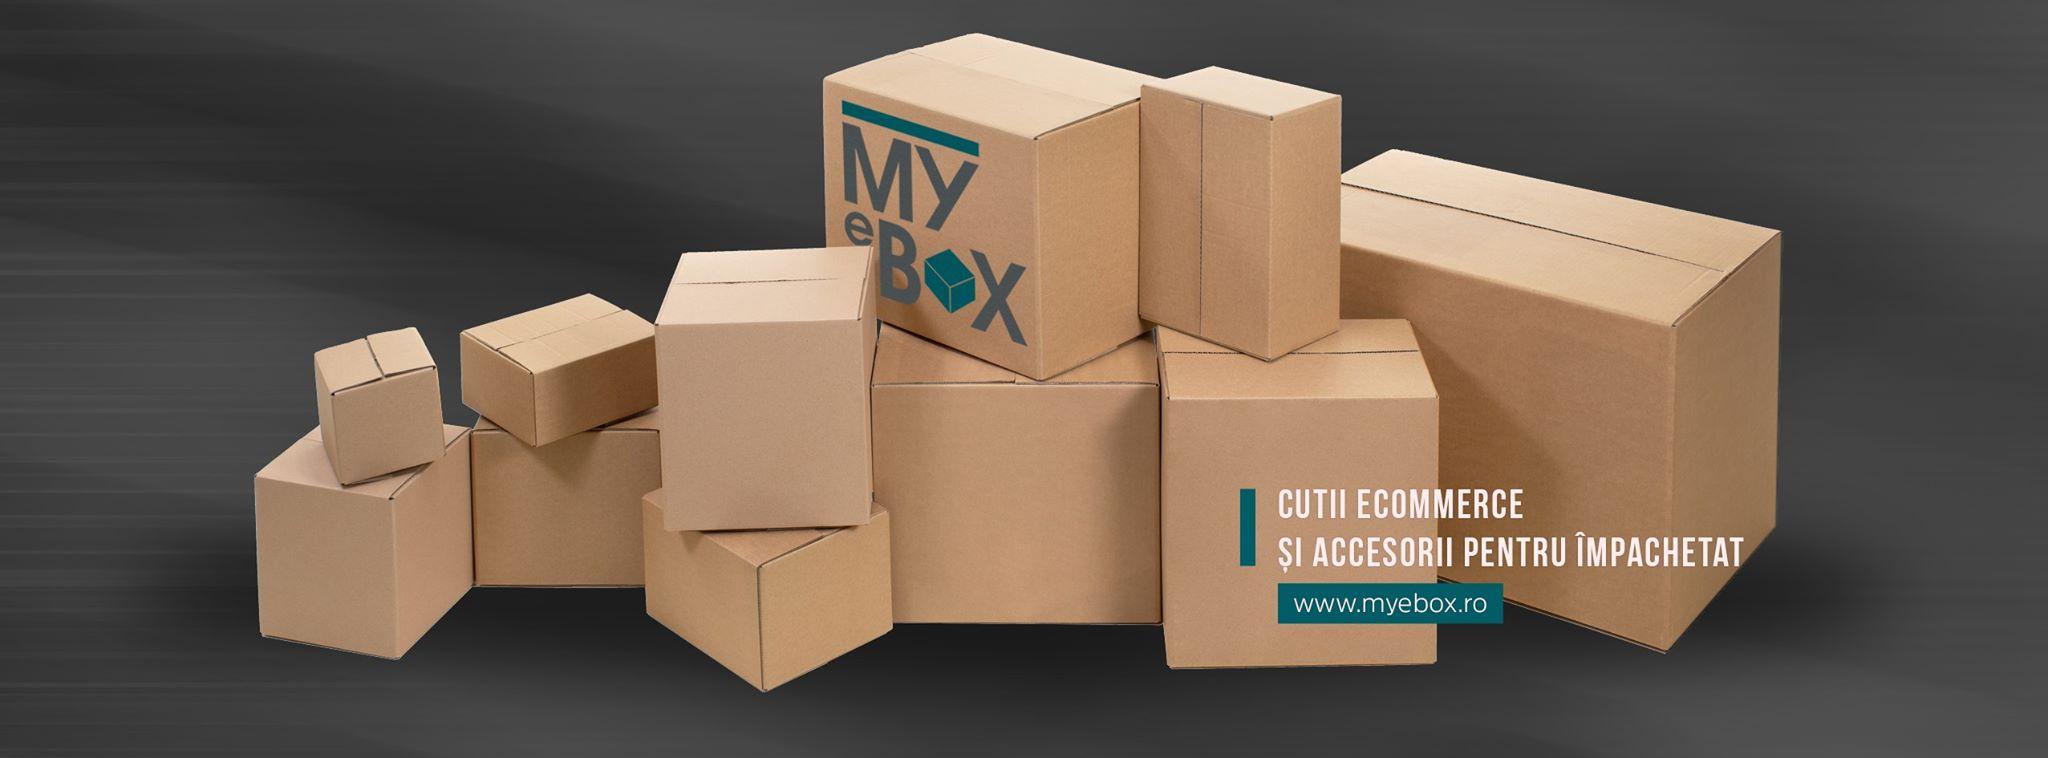 myebox.ro